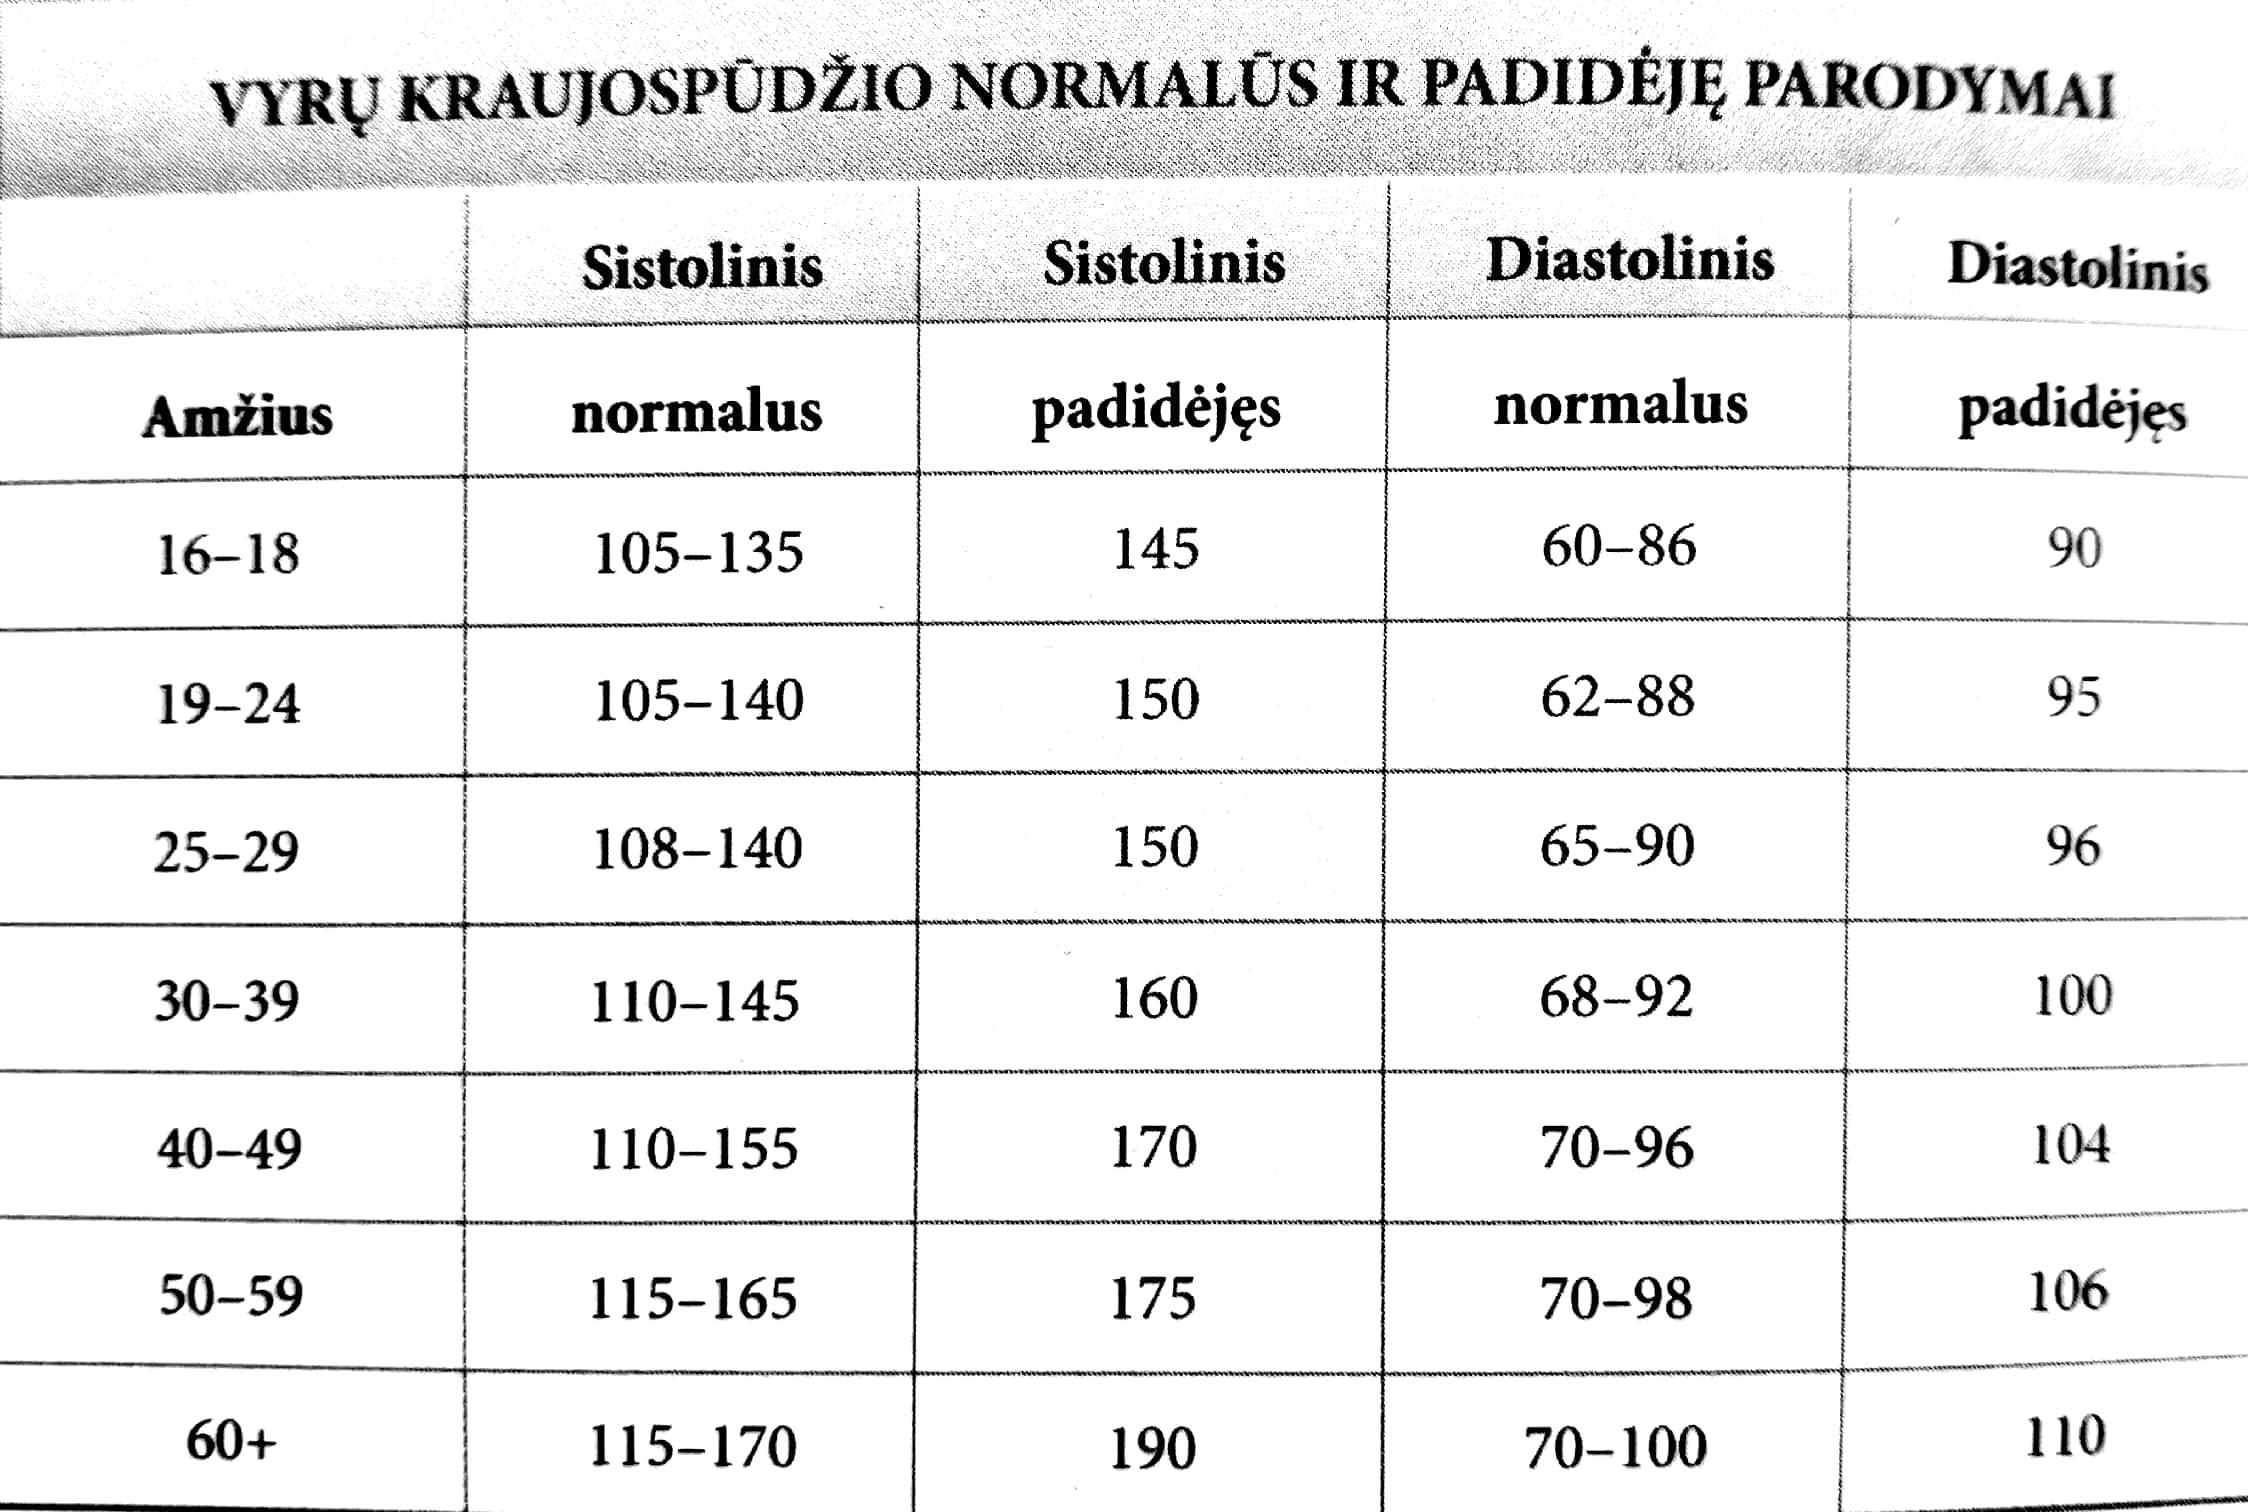 rizika vaisiui, sergančiam hipertenzija